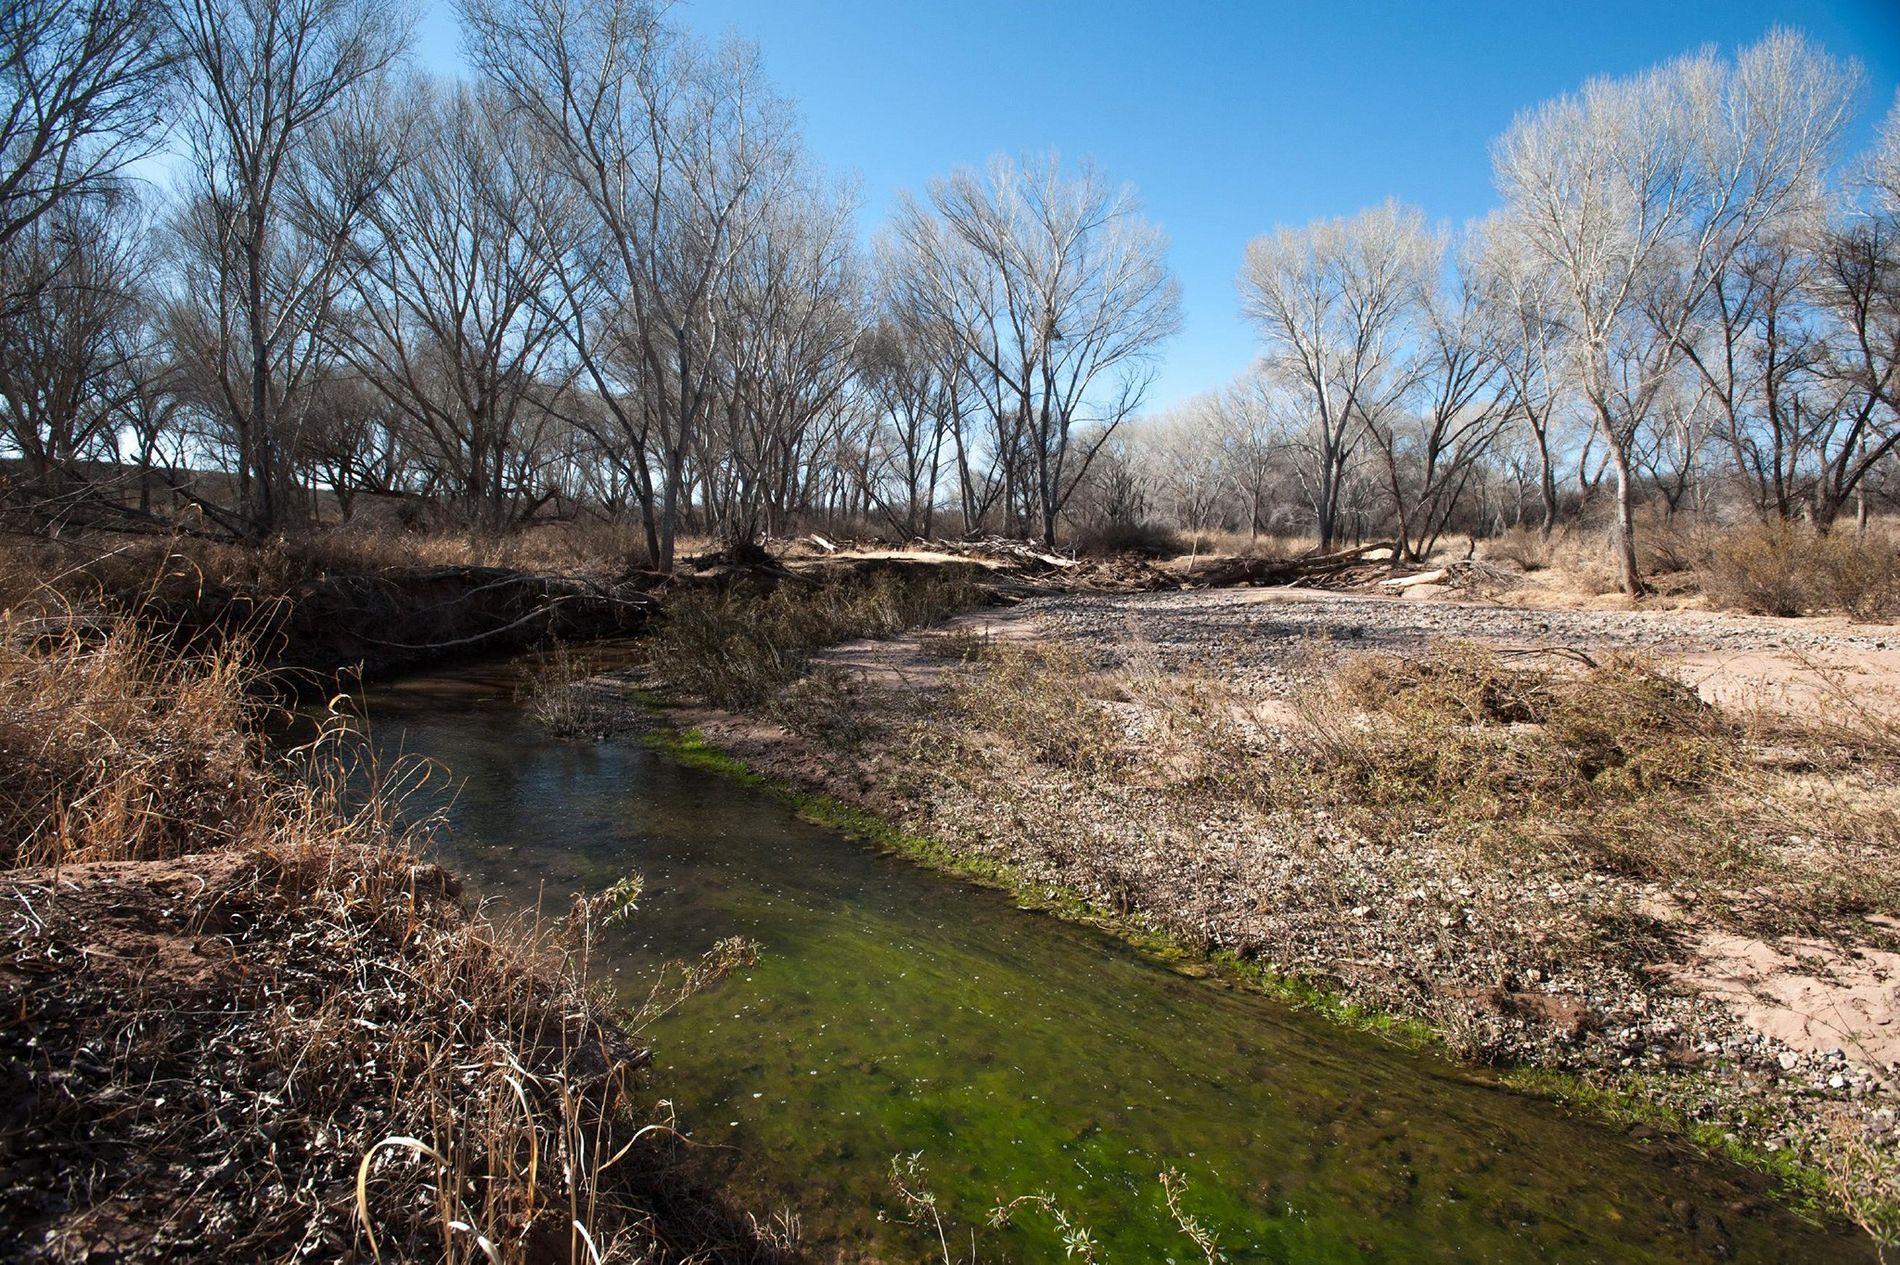 O rio San Pedro, no Arizona, viu os seus fluxos diminuírem durante as últimas décadas devido à extração de água subterrânea nas proximidades. Os habitats do rio também sofreram com a queda dos níveis de água.